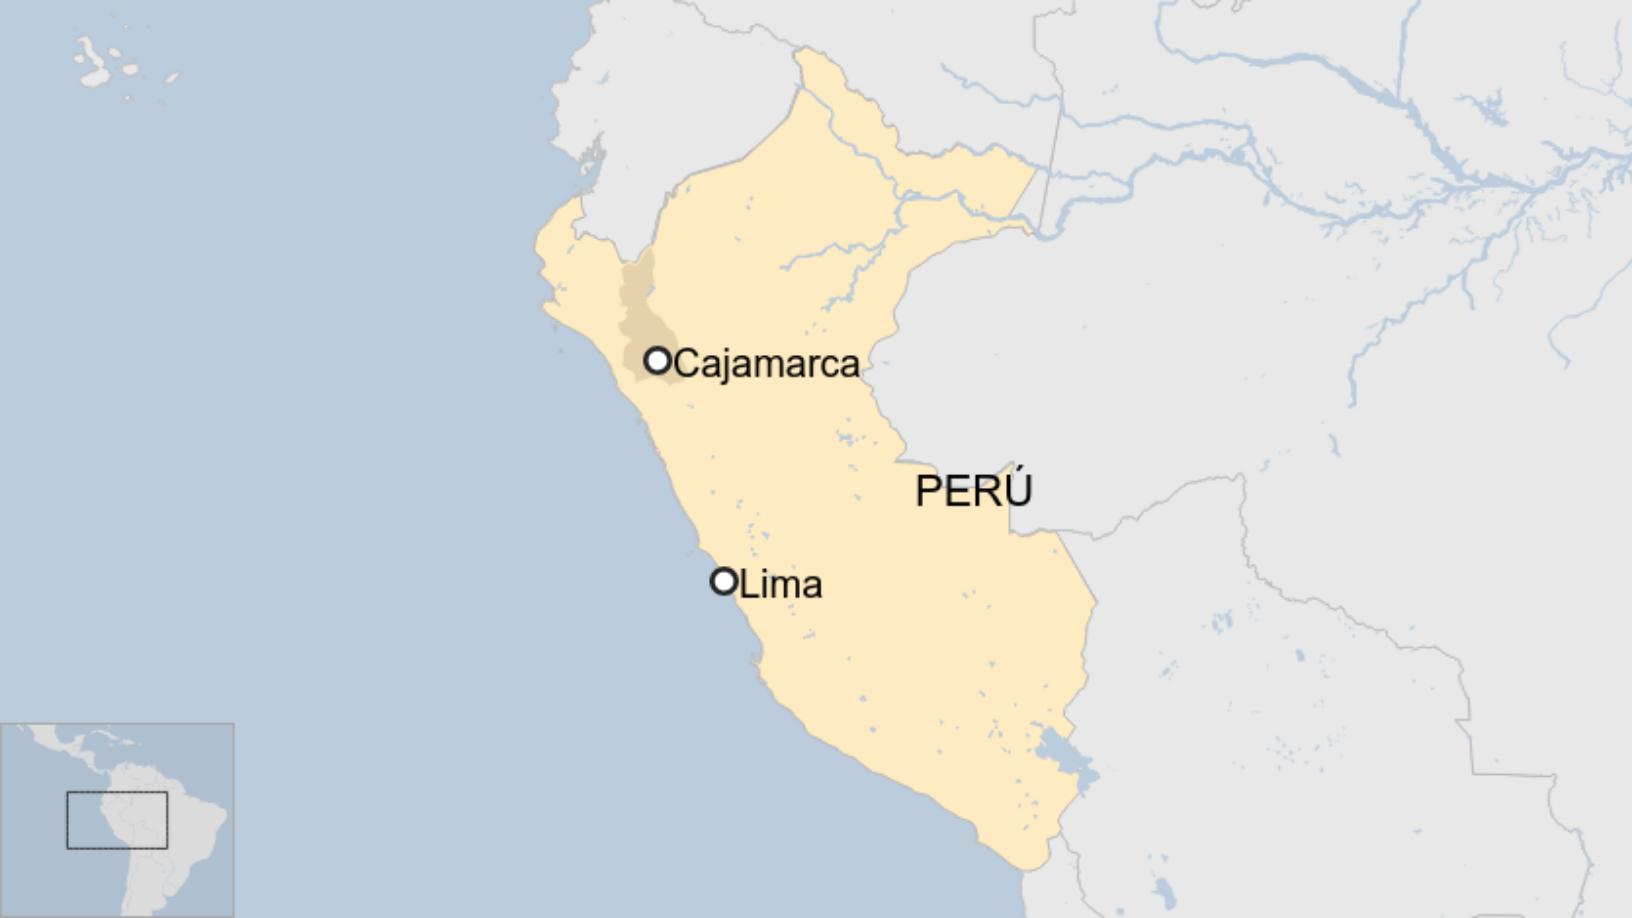 Map: Ubicación de Cajamarca, Perú